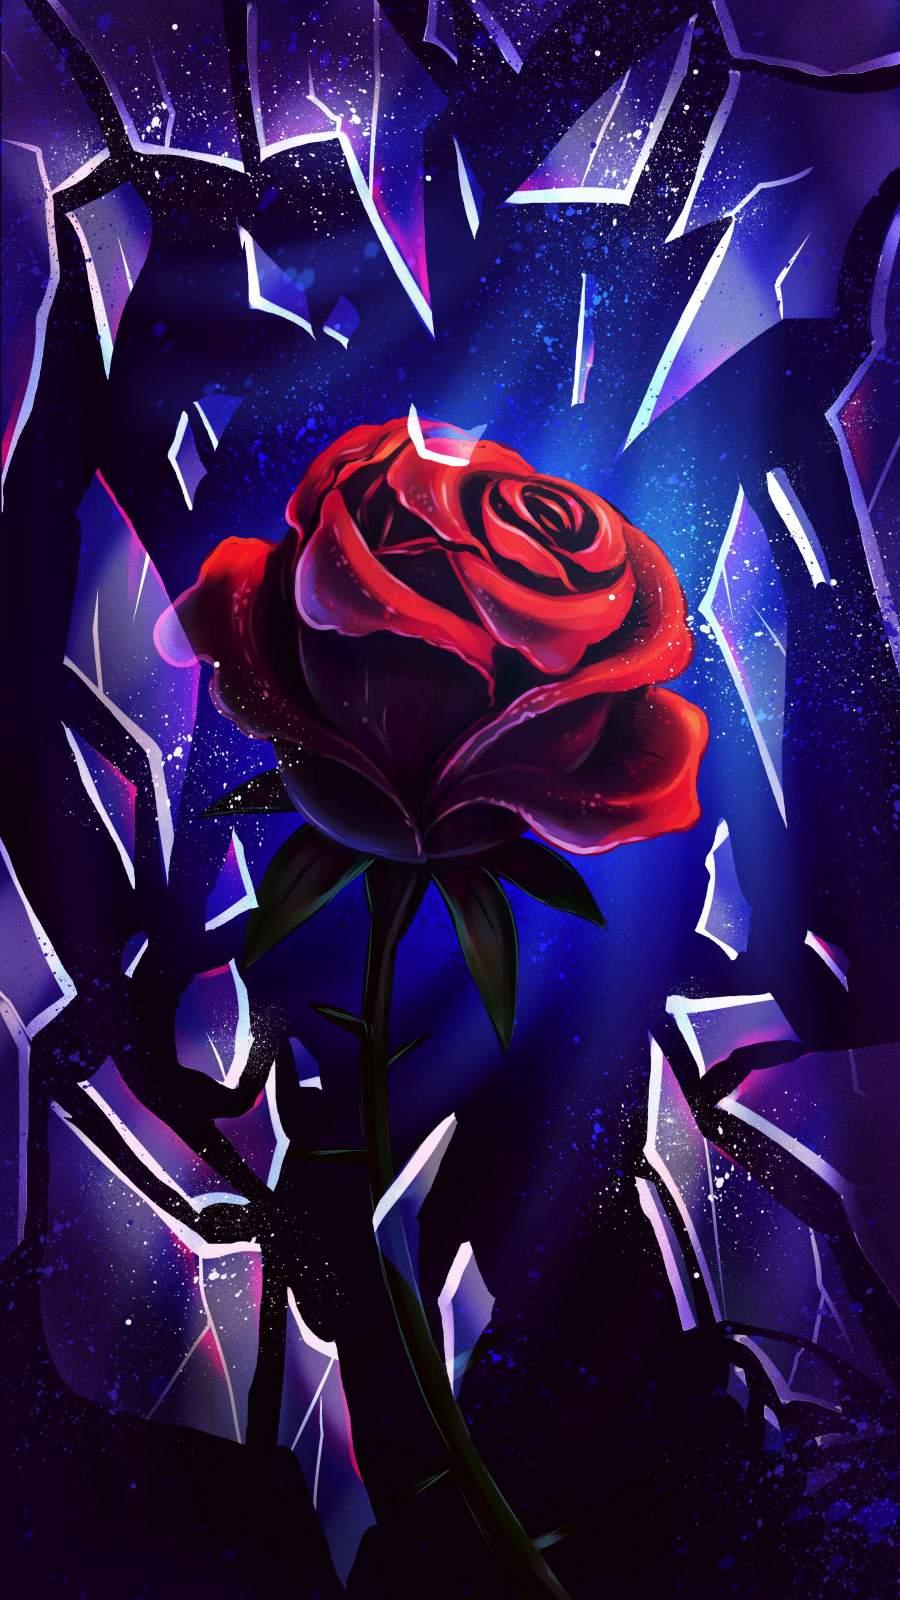 Red Rose Artwork iPhone Wallpaper